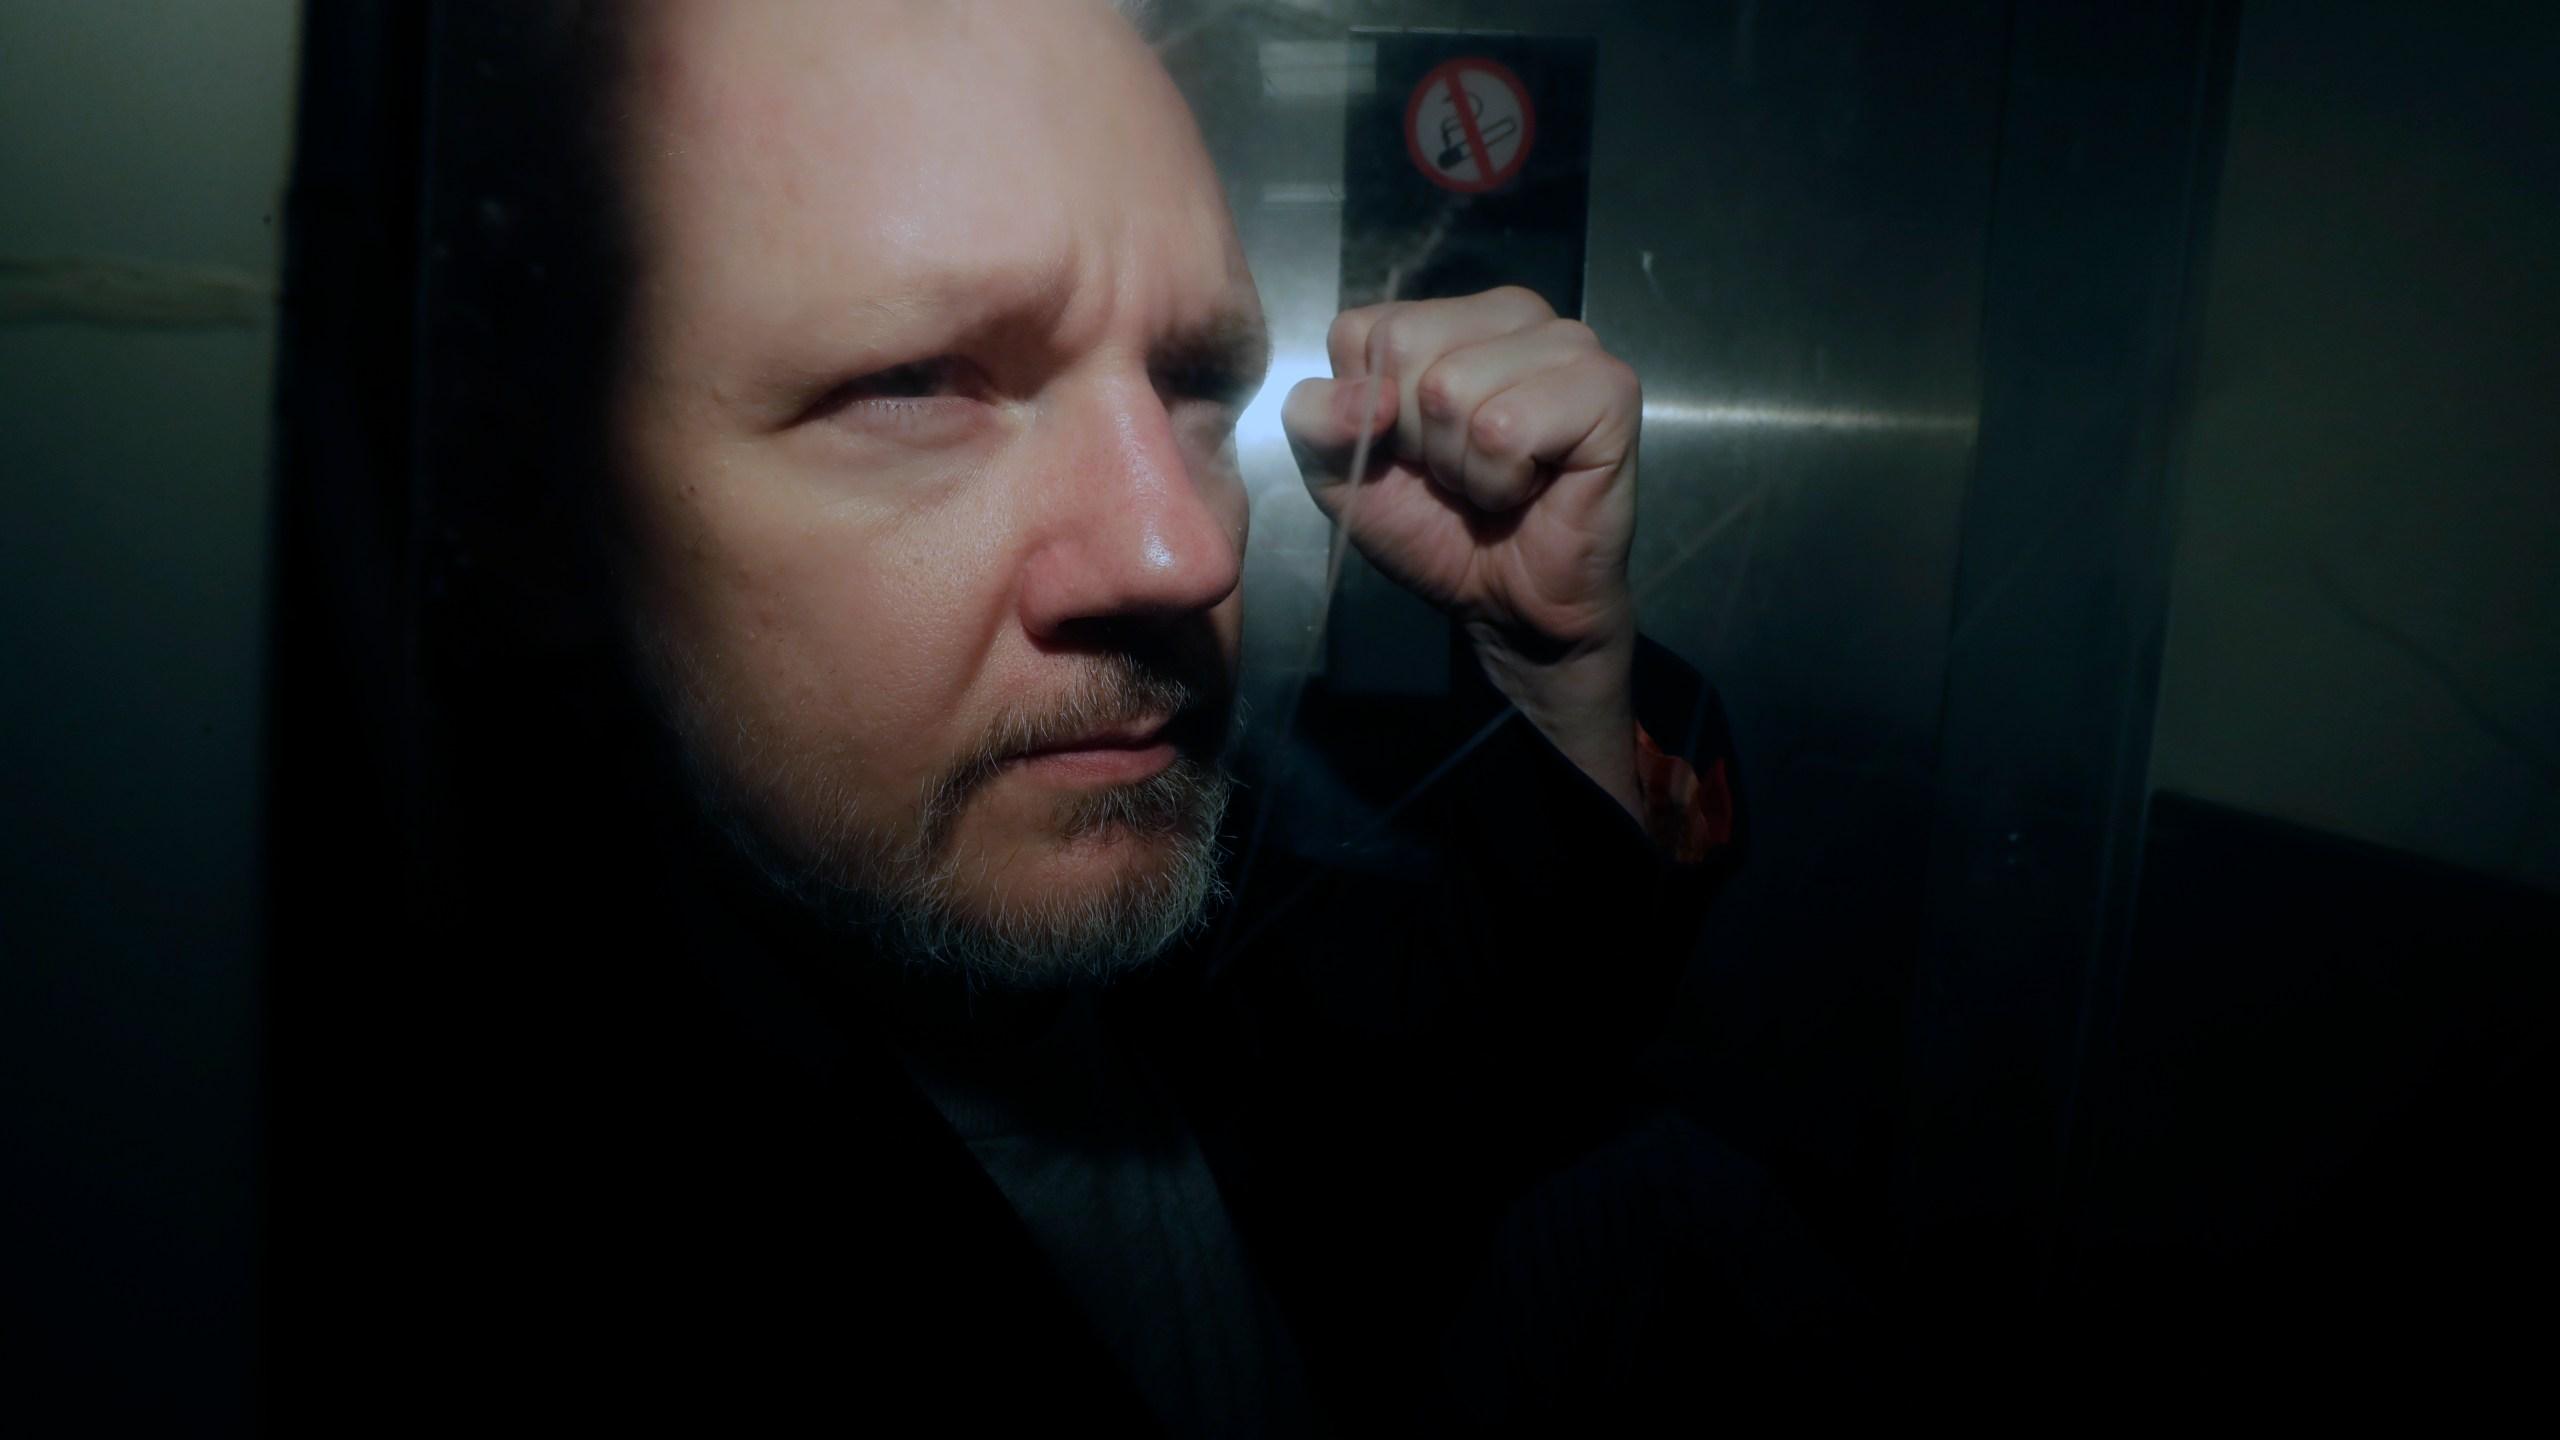 WikiLeaks_Assange_88302-159532.jpg13552502